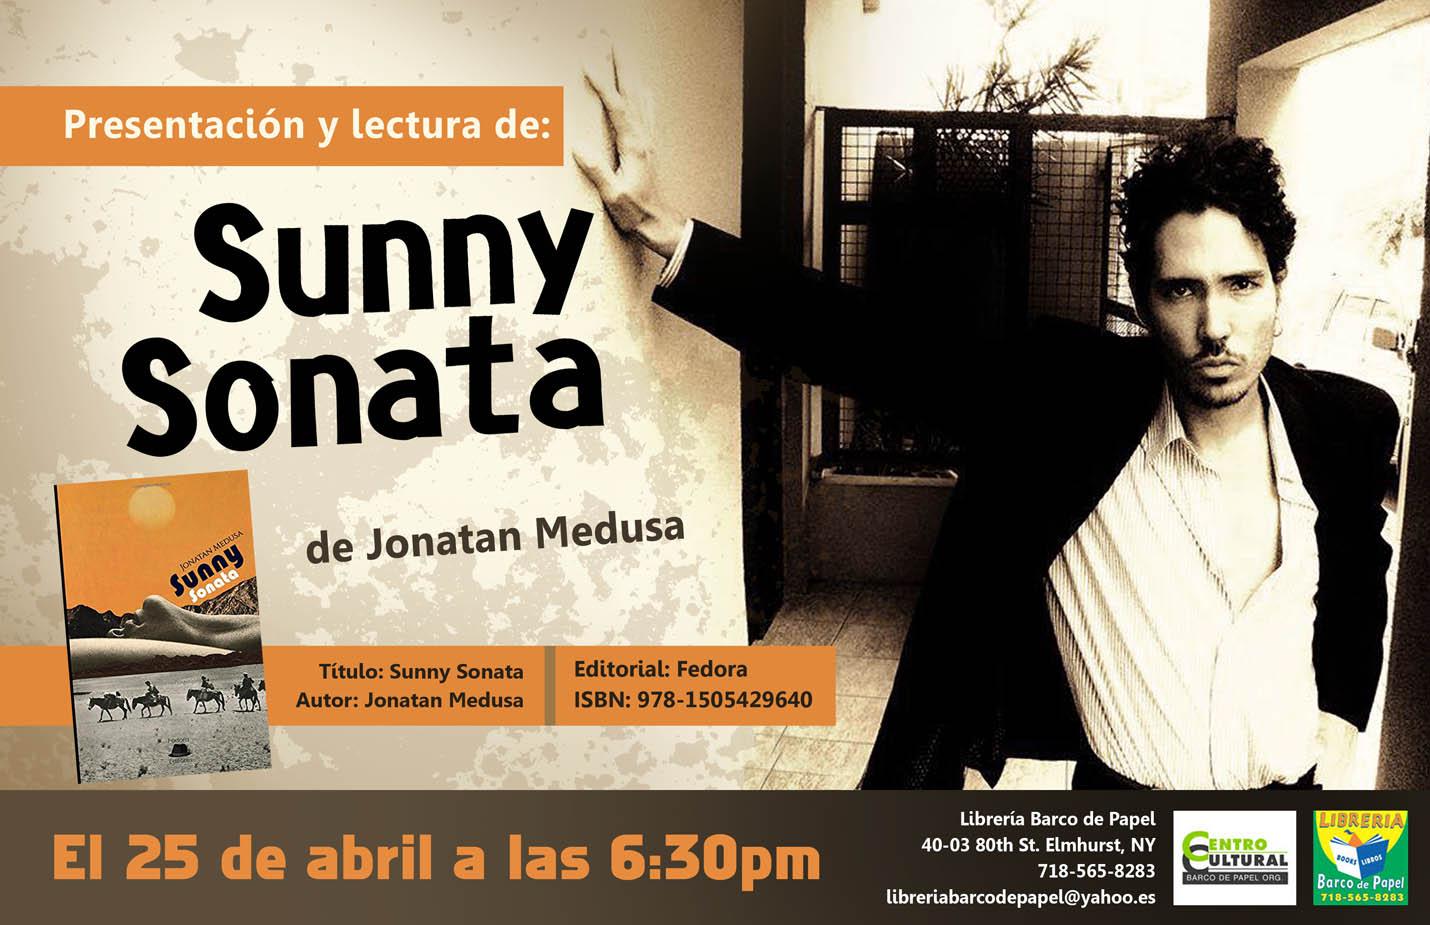 Sunny sonata